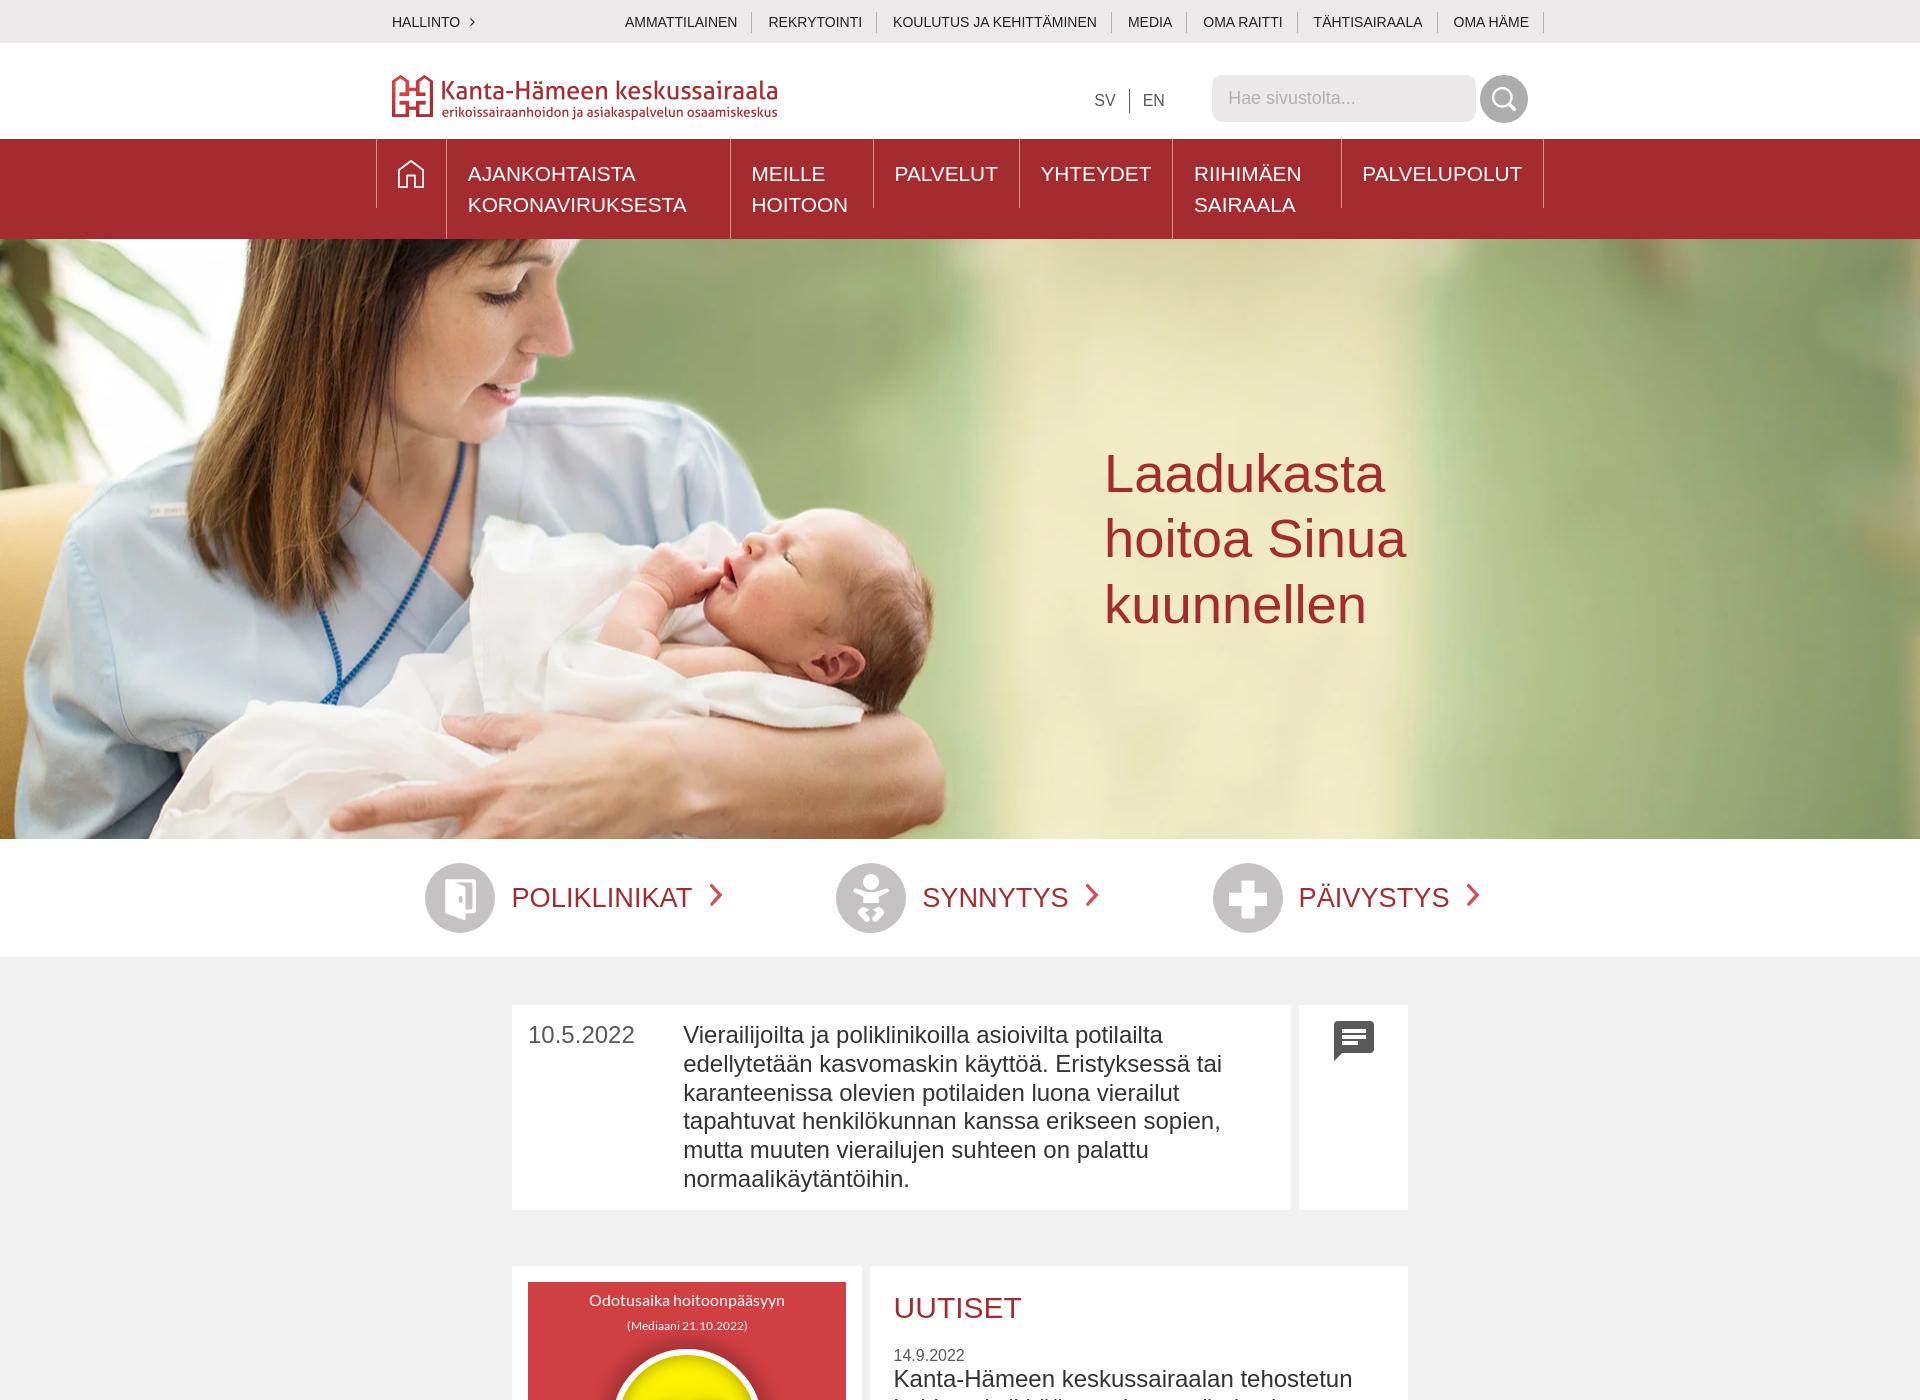 Screenshot for khshp.fi